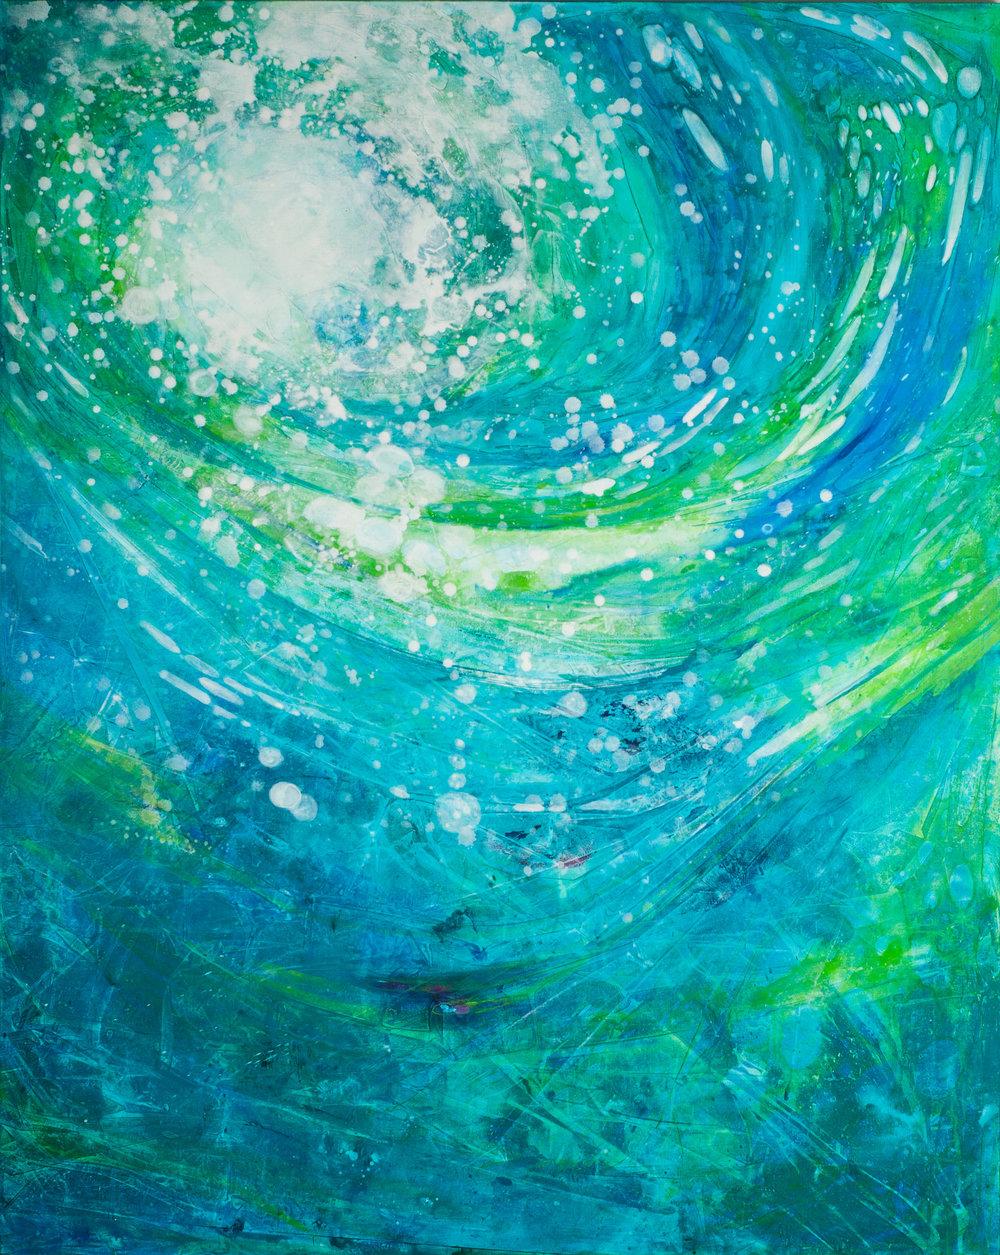 cher-austin-paintings-020.jpg